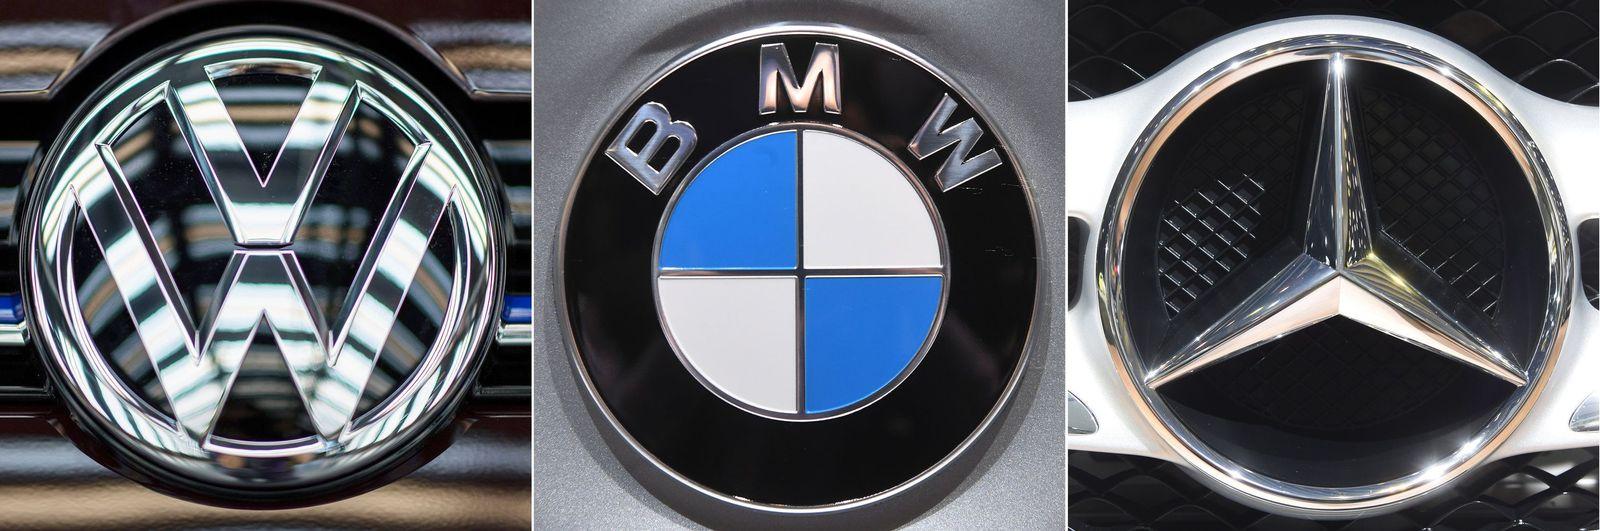 EU-Kartellermittlungen - BMW, Daimler und VW